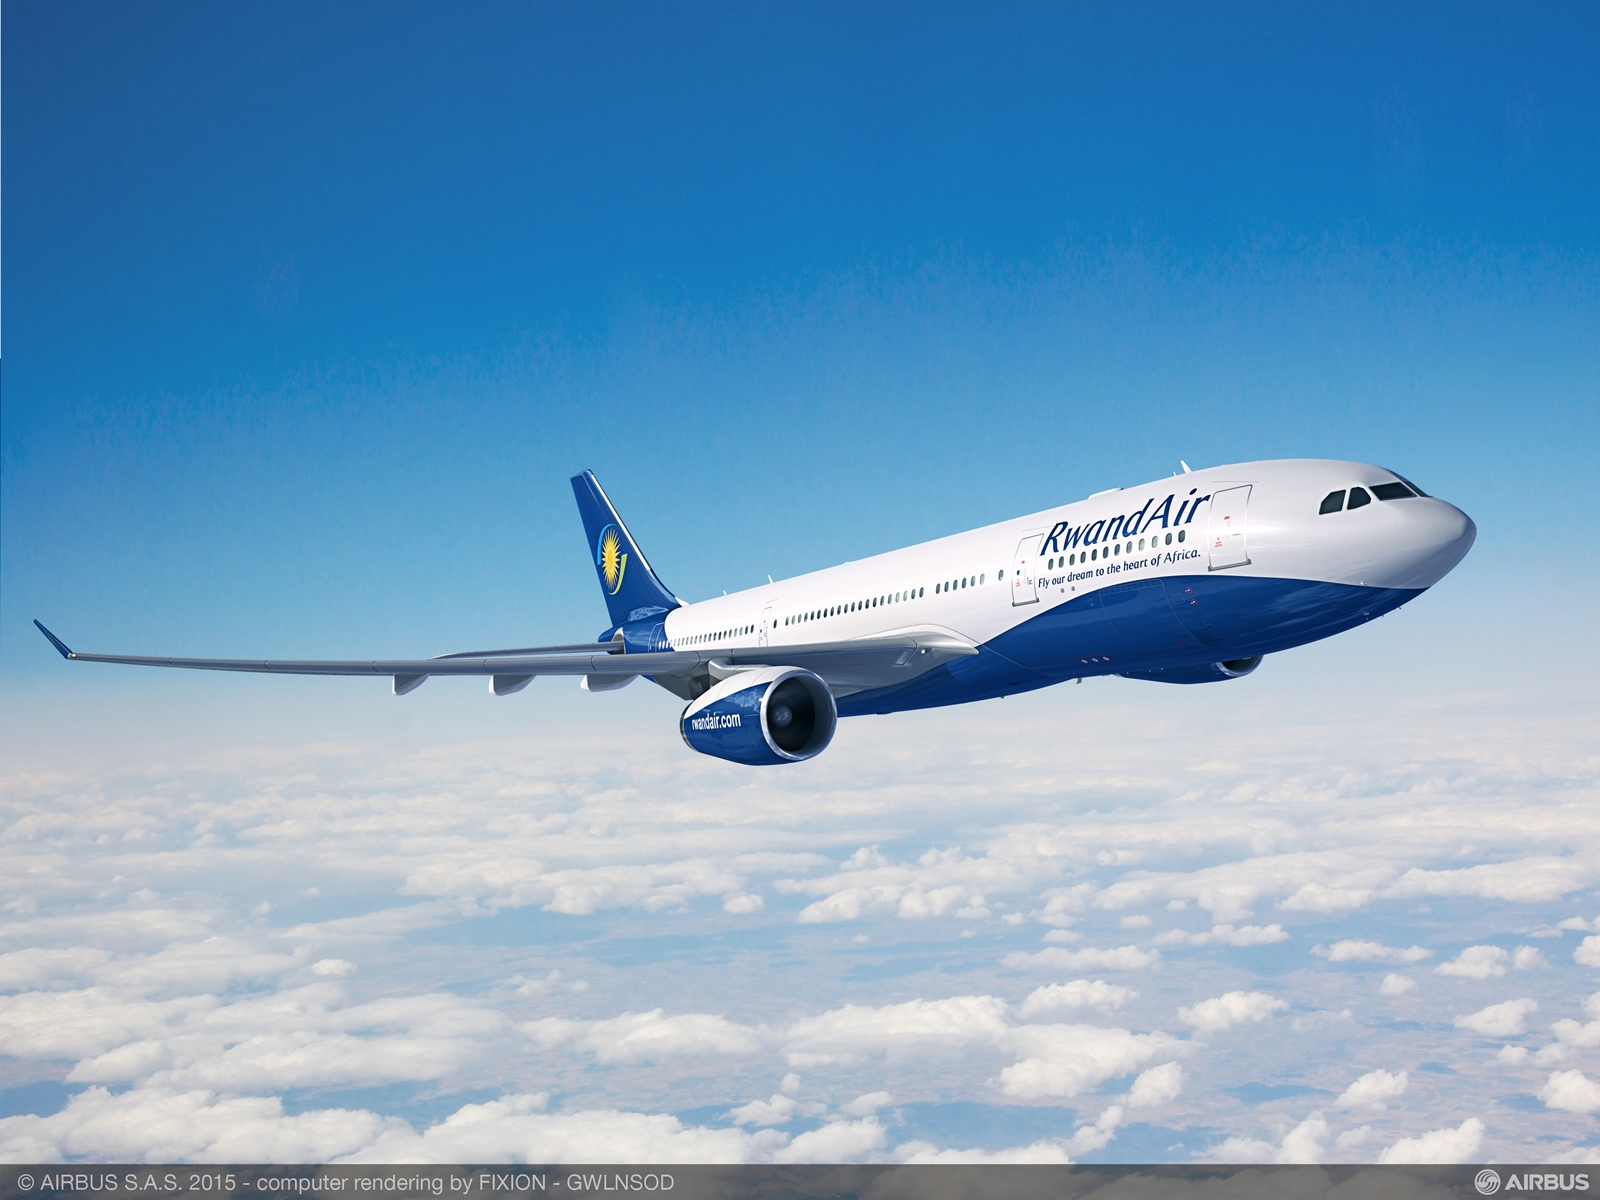 RwandAir A330-200 látványterven. (Forrás: Airbus) | © AIRportal.hu